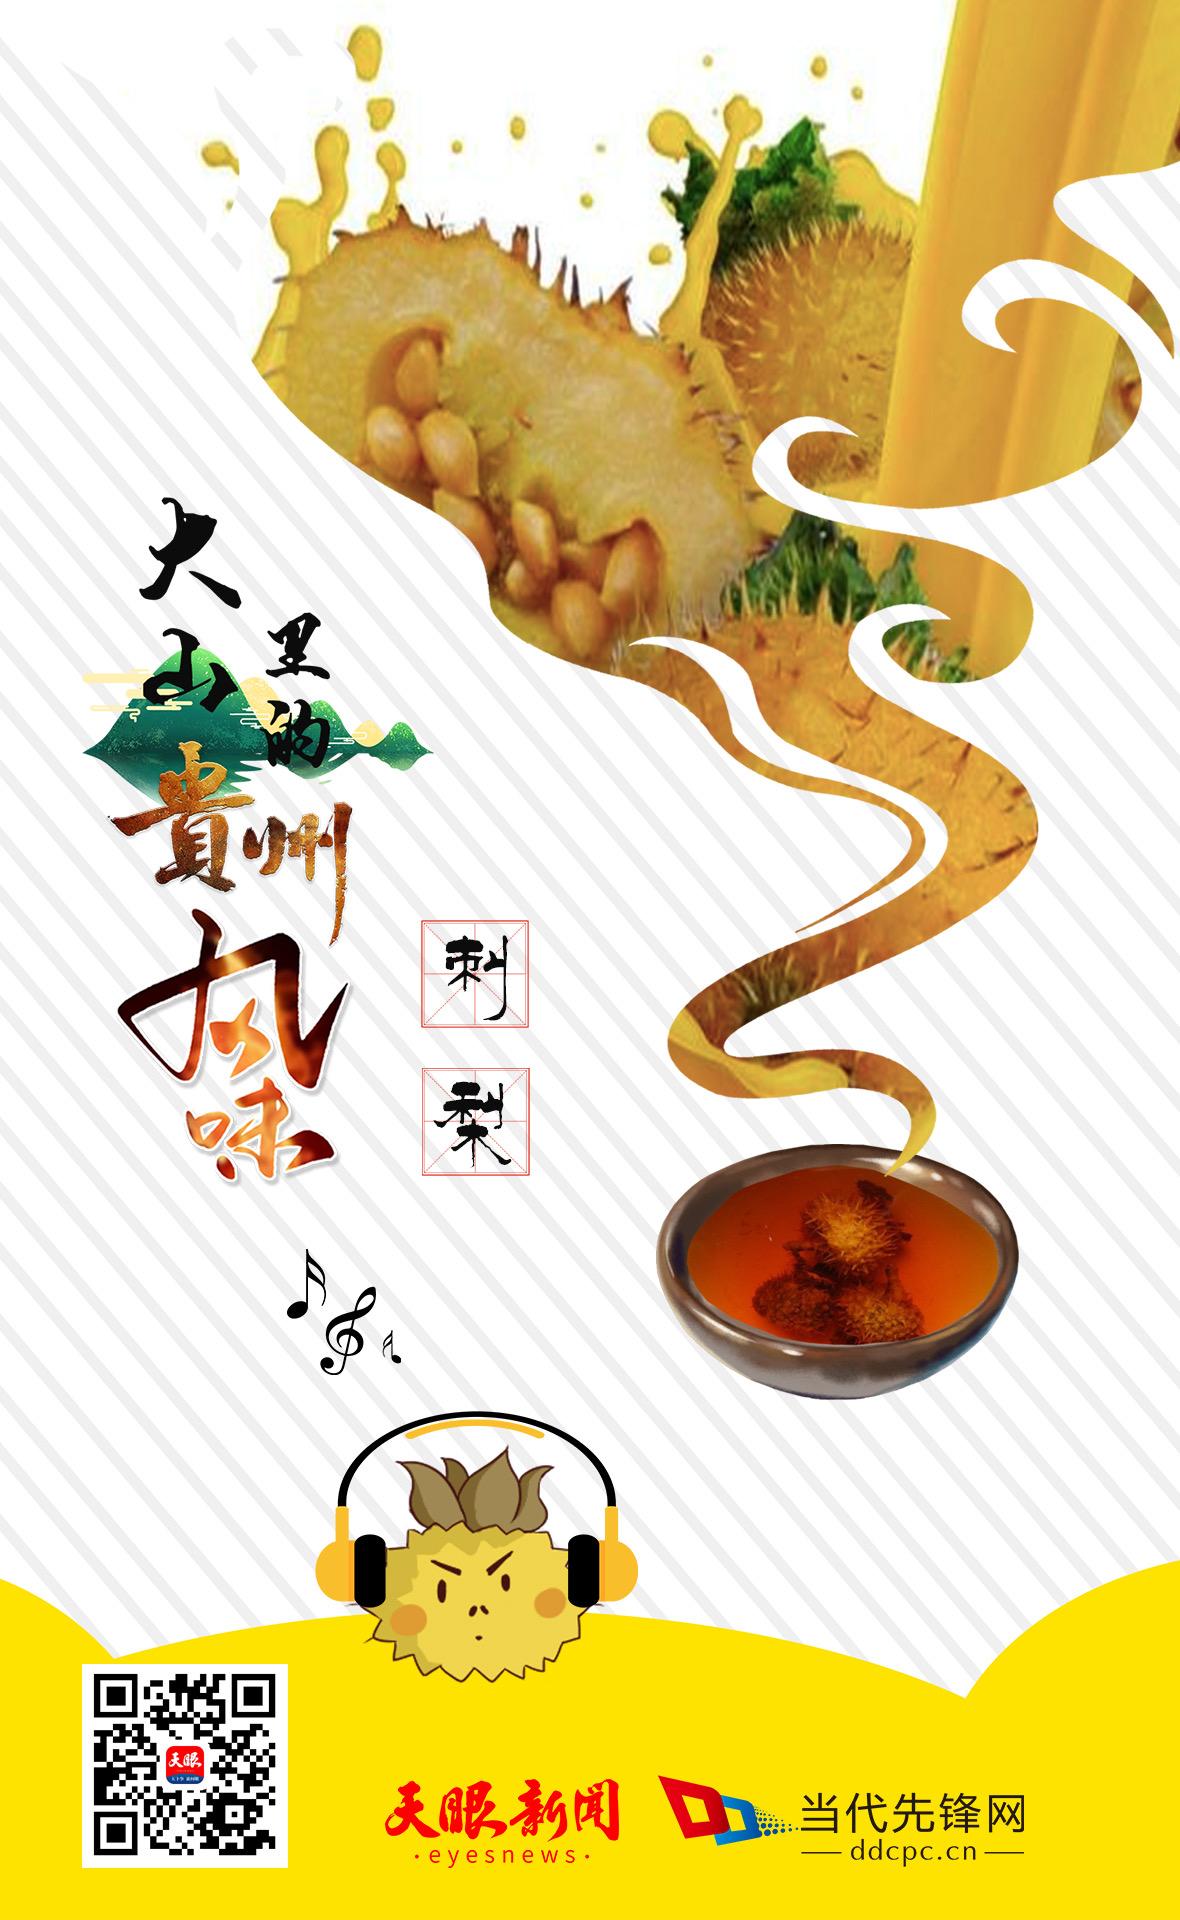 【大山里·bwin888必赢亚洲味】当刺梨与酒碰撞,品一味醇厚酸甜